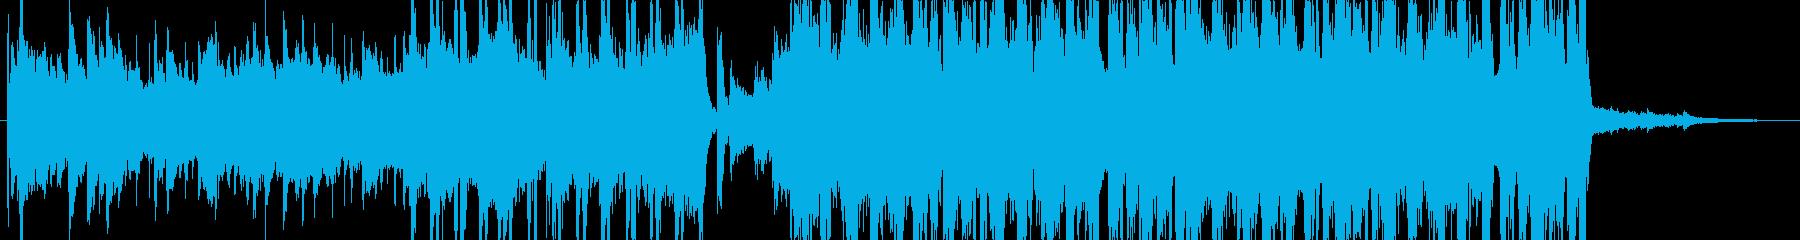 ジングル - キラキラなポップスの再生済みの波形